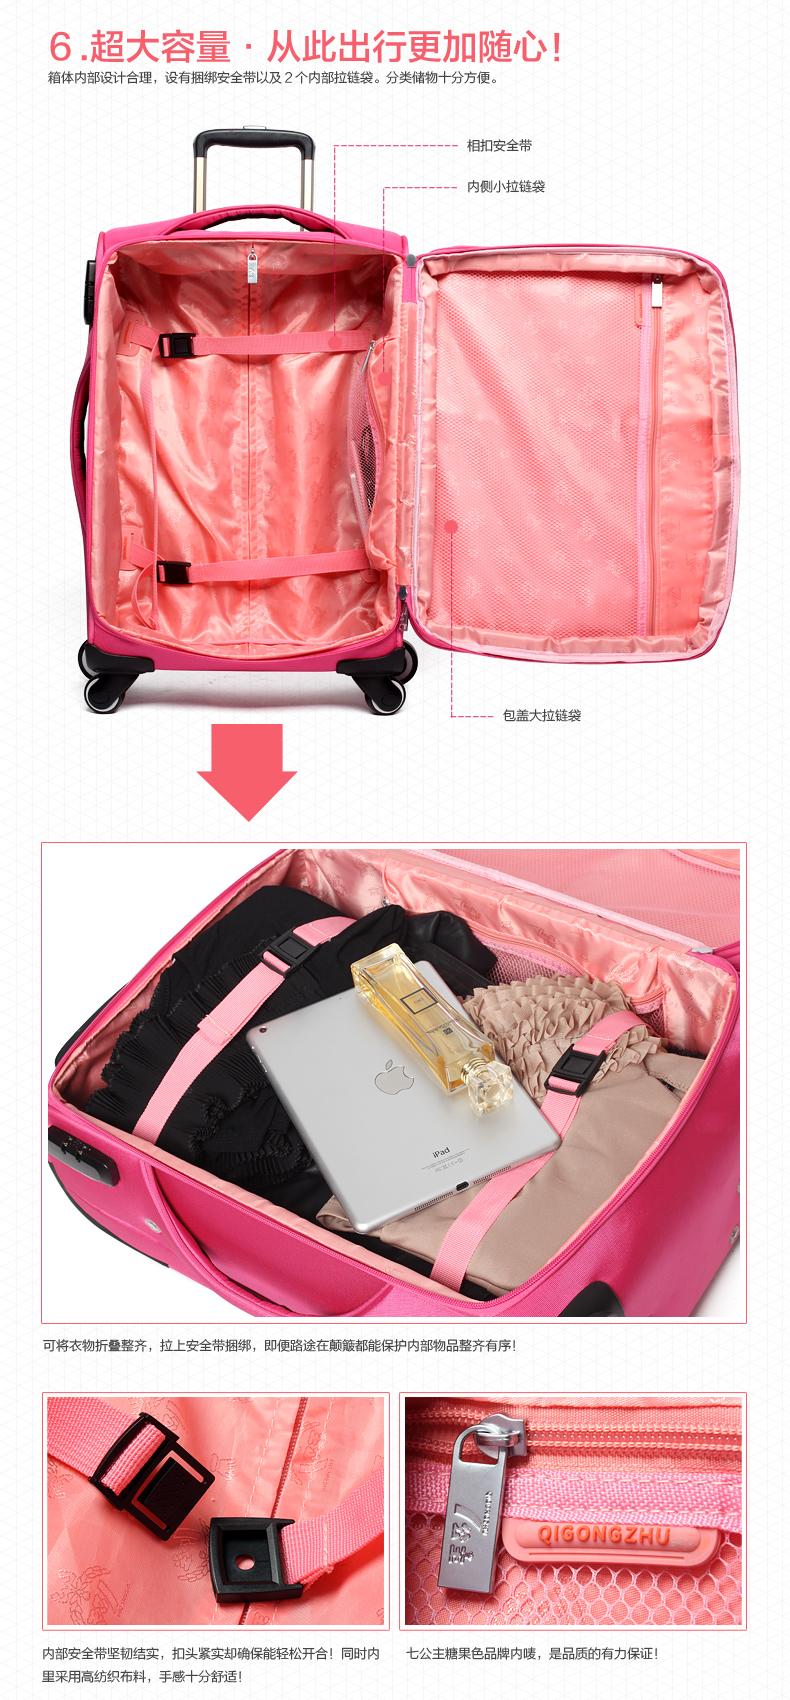 我的行李箱是20寸,可以随身带上飞机吗?我是上海虹桥飞厦门,.